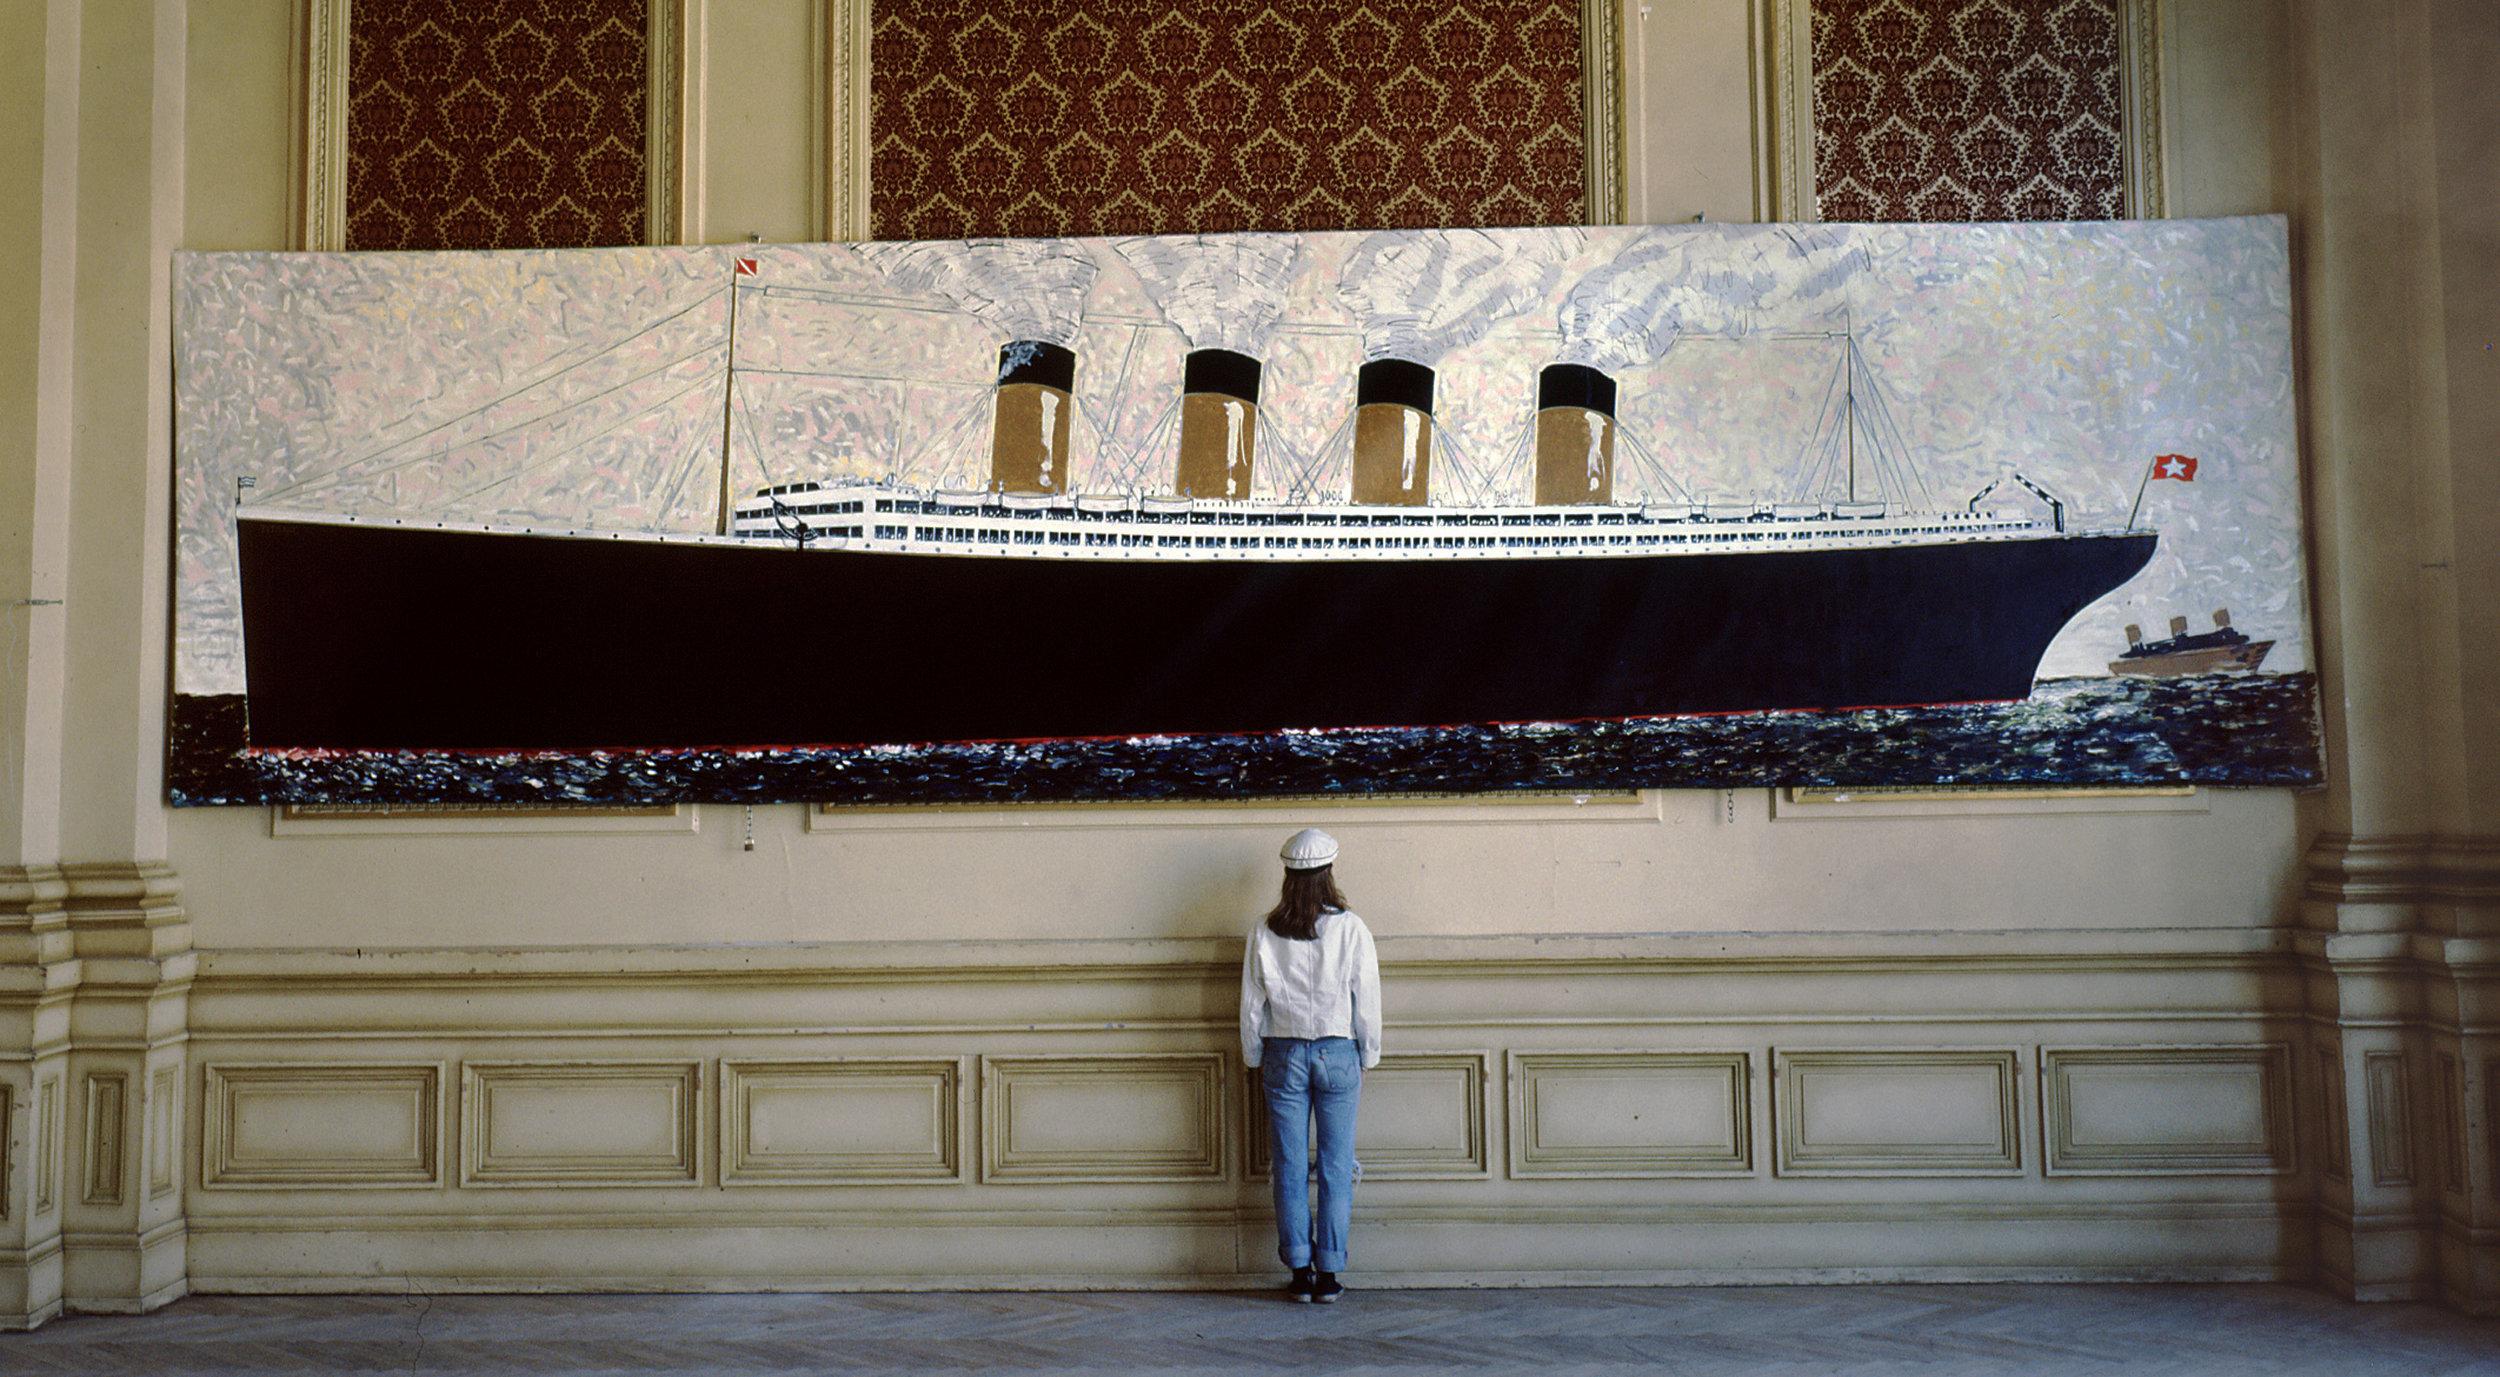 Titanic,  1988, huile sur toile / oil on canvas, 27'x 7', 8,2 m x 2,5 m.